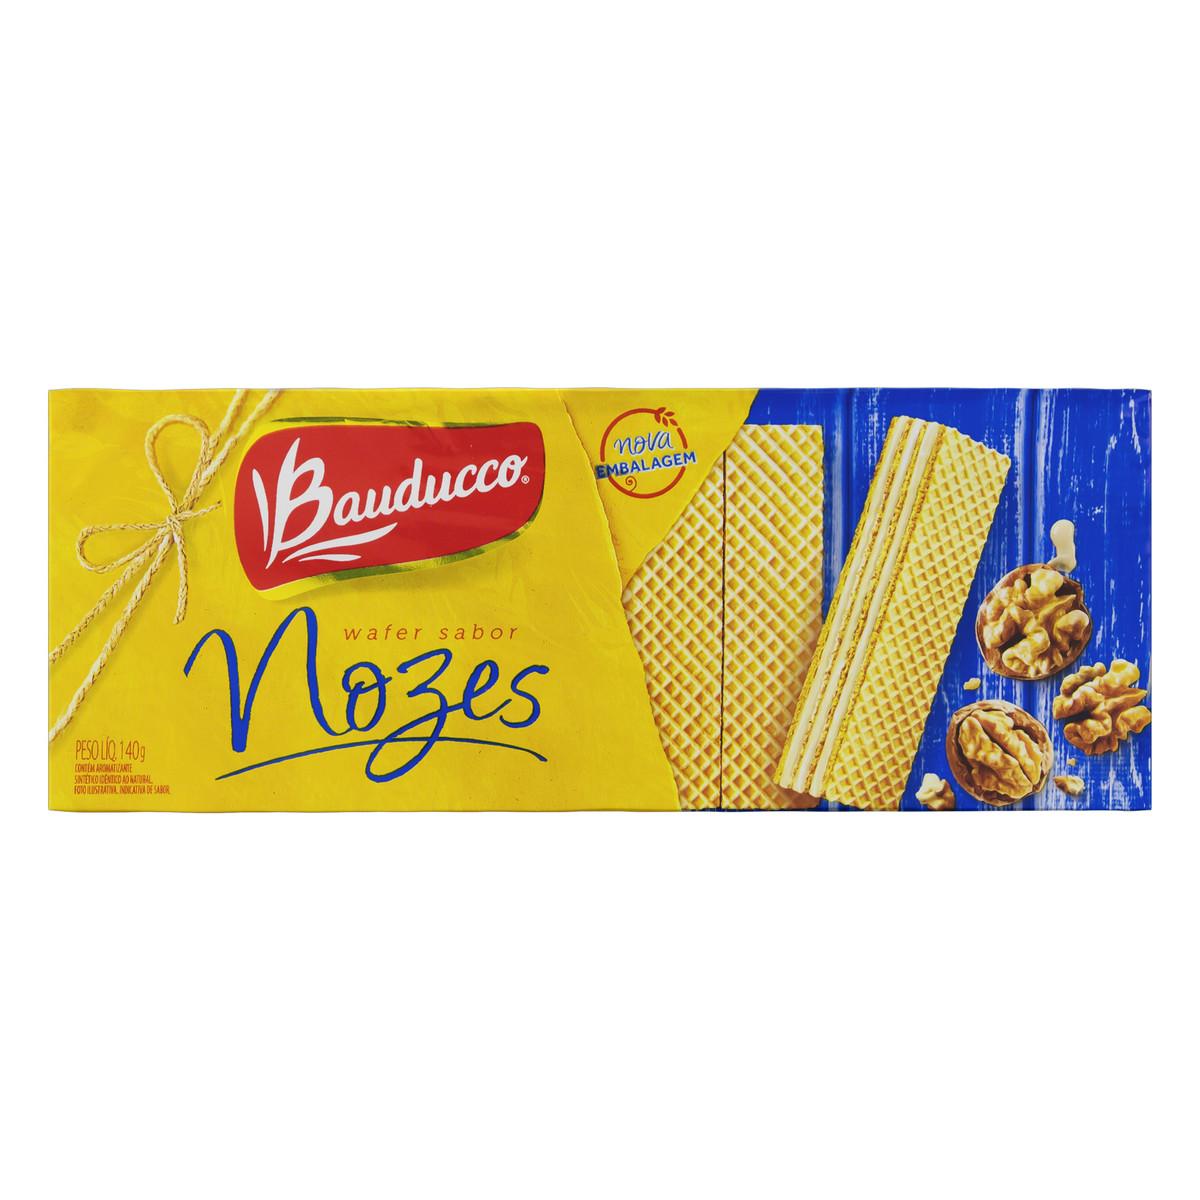 Biscoito Wafer Recheado De Nozes Bauducco Pacote 140g